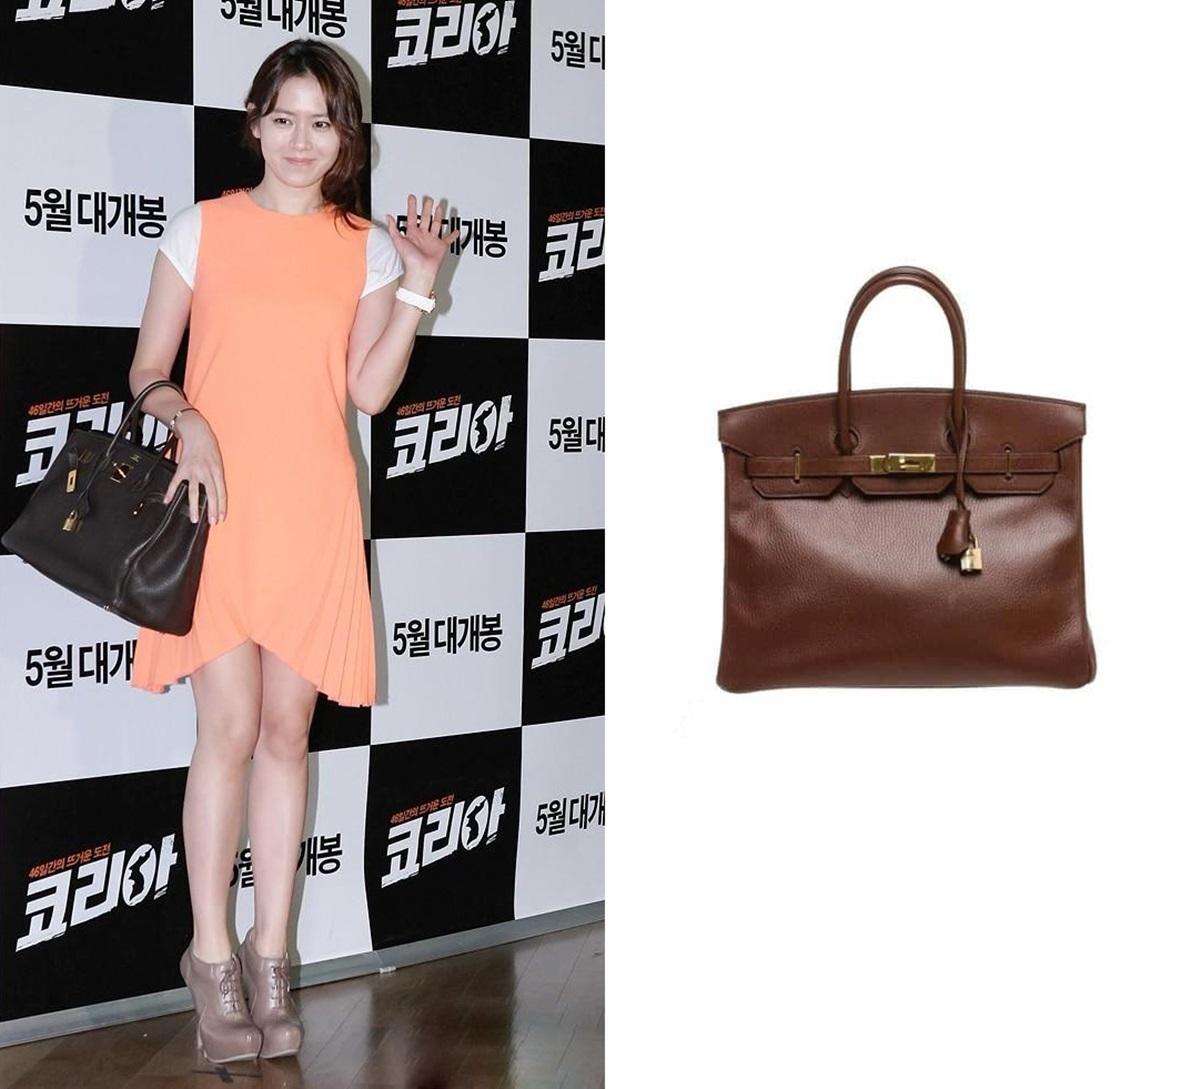 Tại buổi chiếu phim As One, Son Ye Jin gây sốt truyền thông với chiếc túi Hermes Birkin màu nâu, giá 11.995 USD - đắt nhất trong BST túi xách của cô. Diễn viên mix với váy Christoper Cane và ankle boots Camilla Skovgaard.